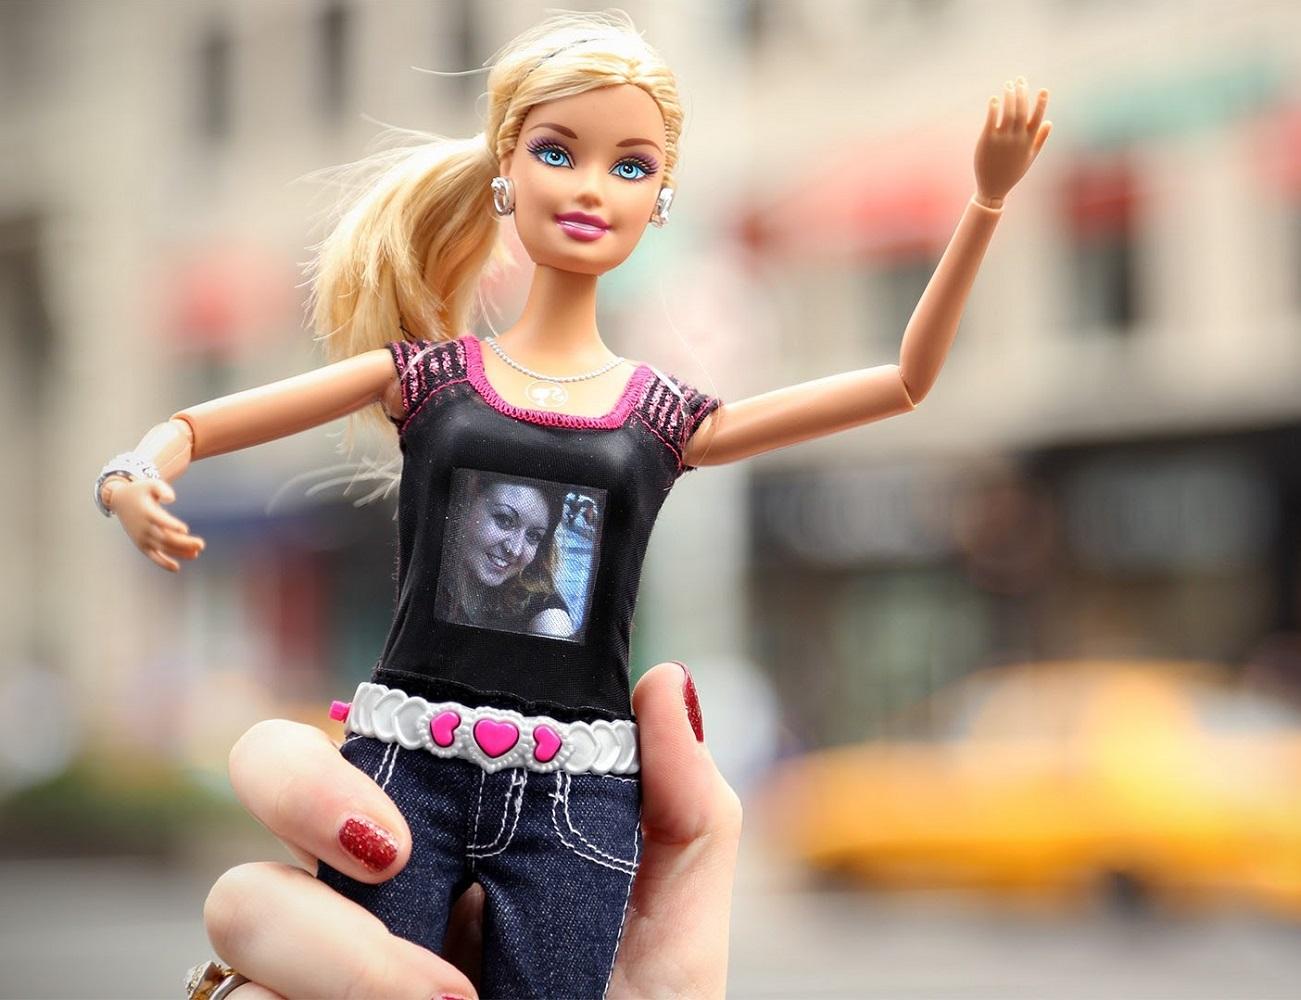 Barbie+Video+Camera+Doll